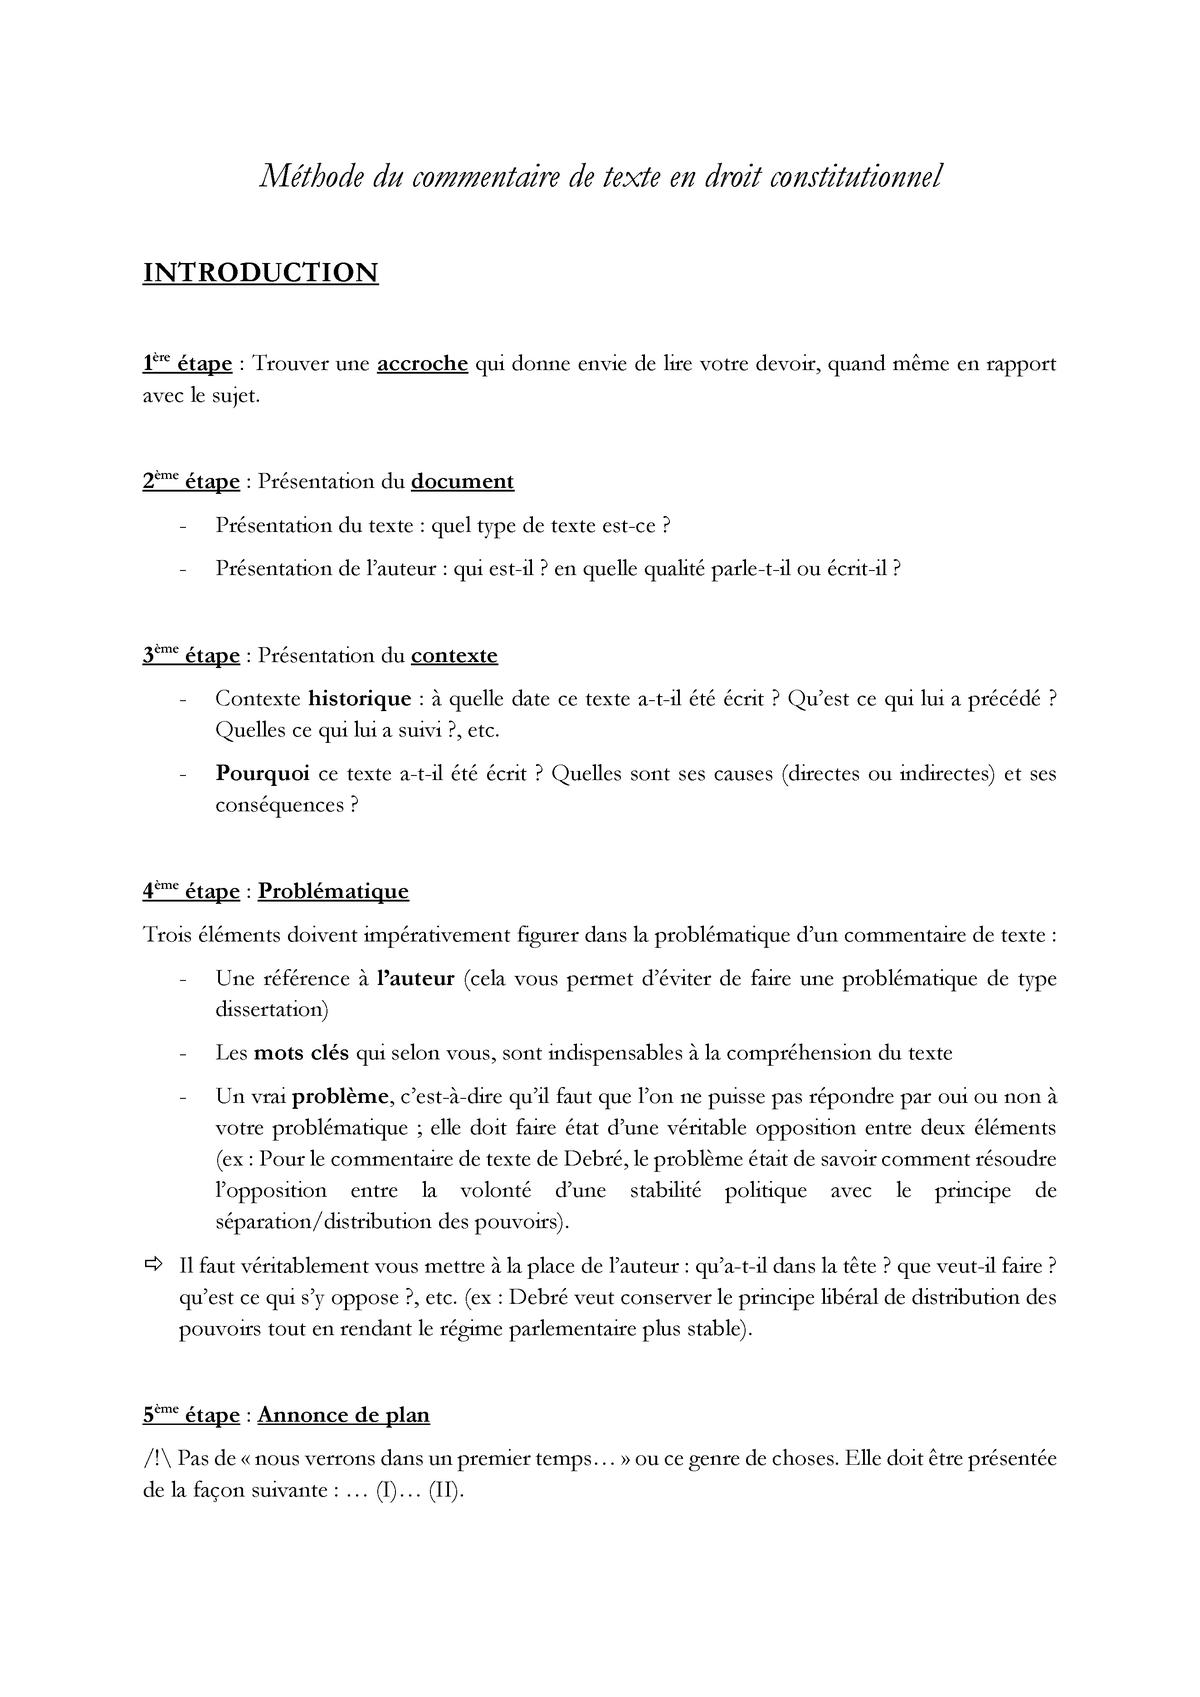 Méthodologie Droit Constitutionnel Commentaire De Texte ...